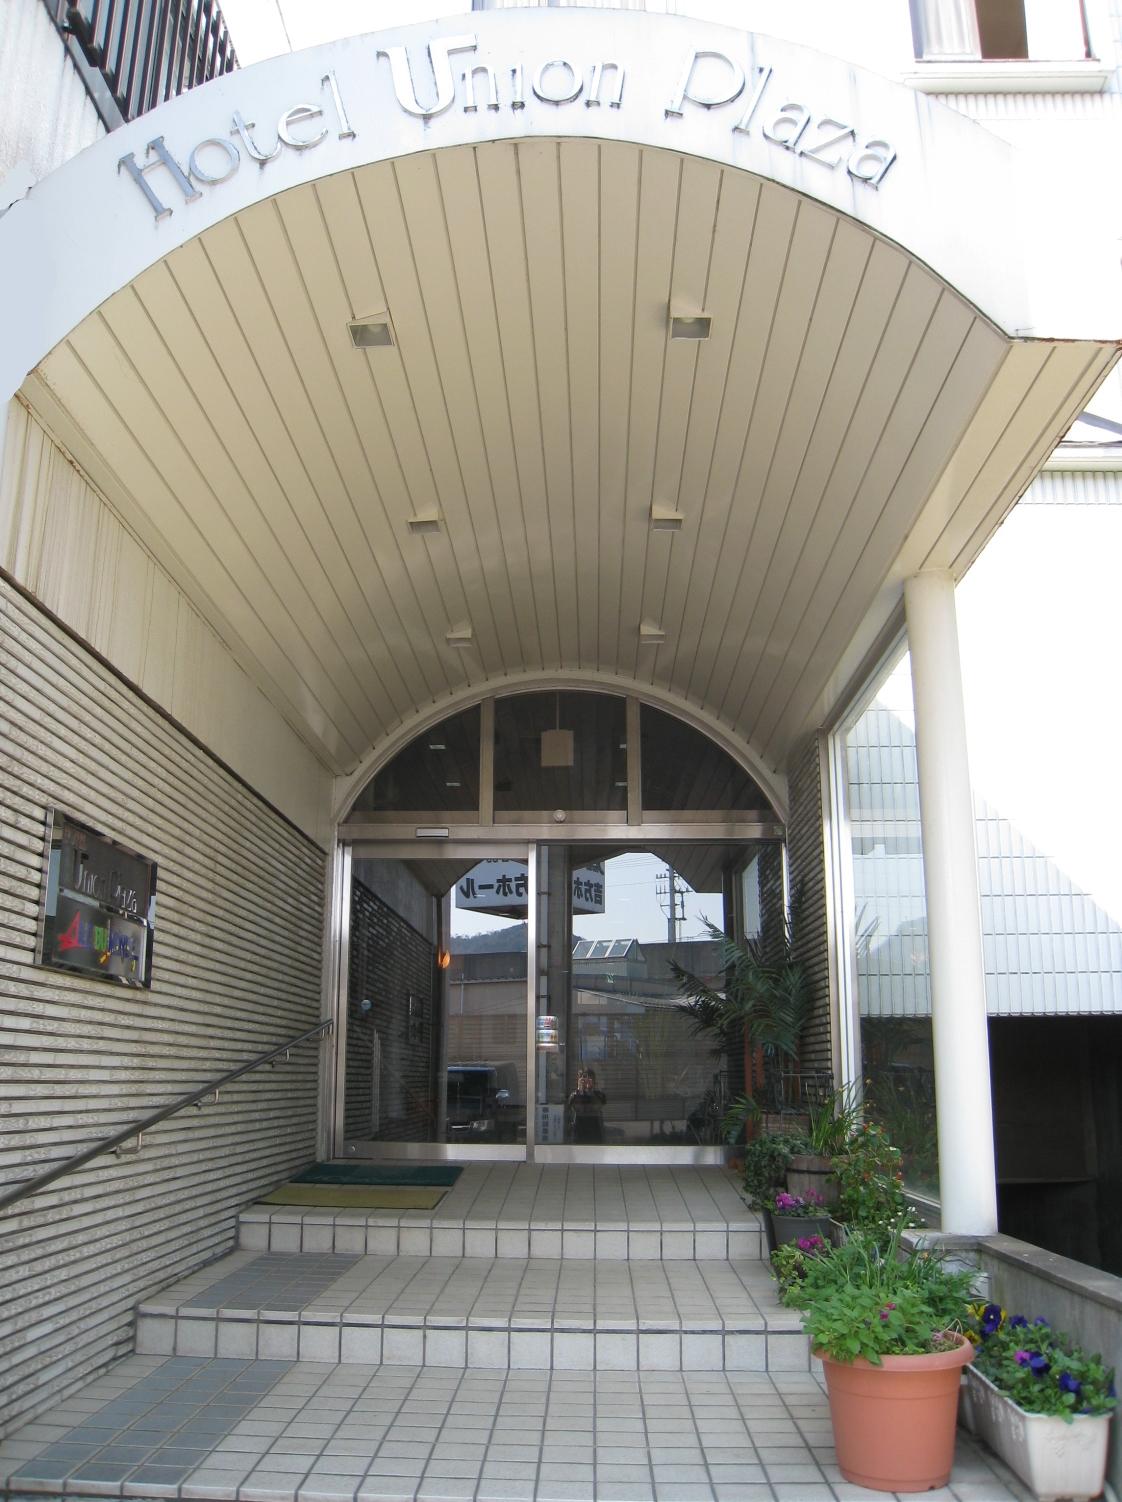 ホテル ユニオン プラザ◆楽天トラベル